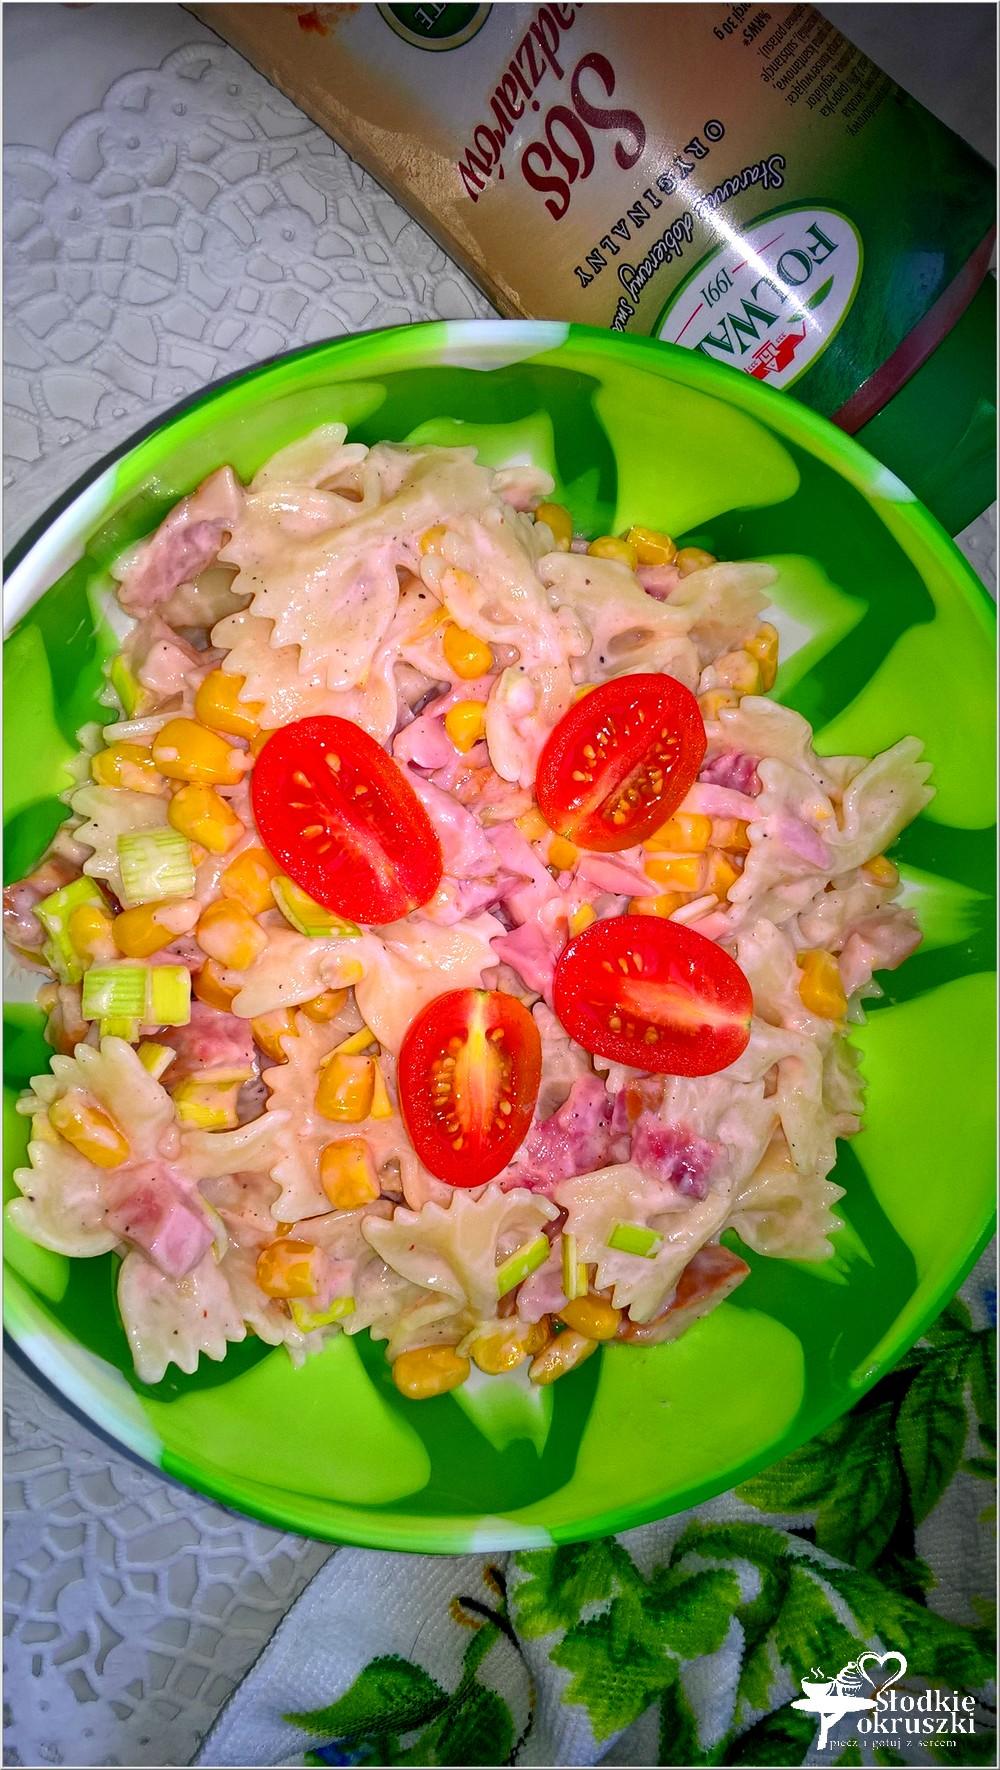 makaronowa-salatka-z-wedzonym-kurczakiem-i-sosem-jogurtowo-madziarskim-2